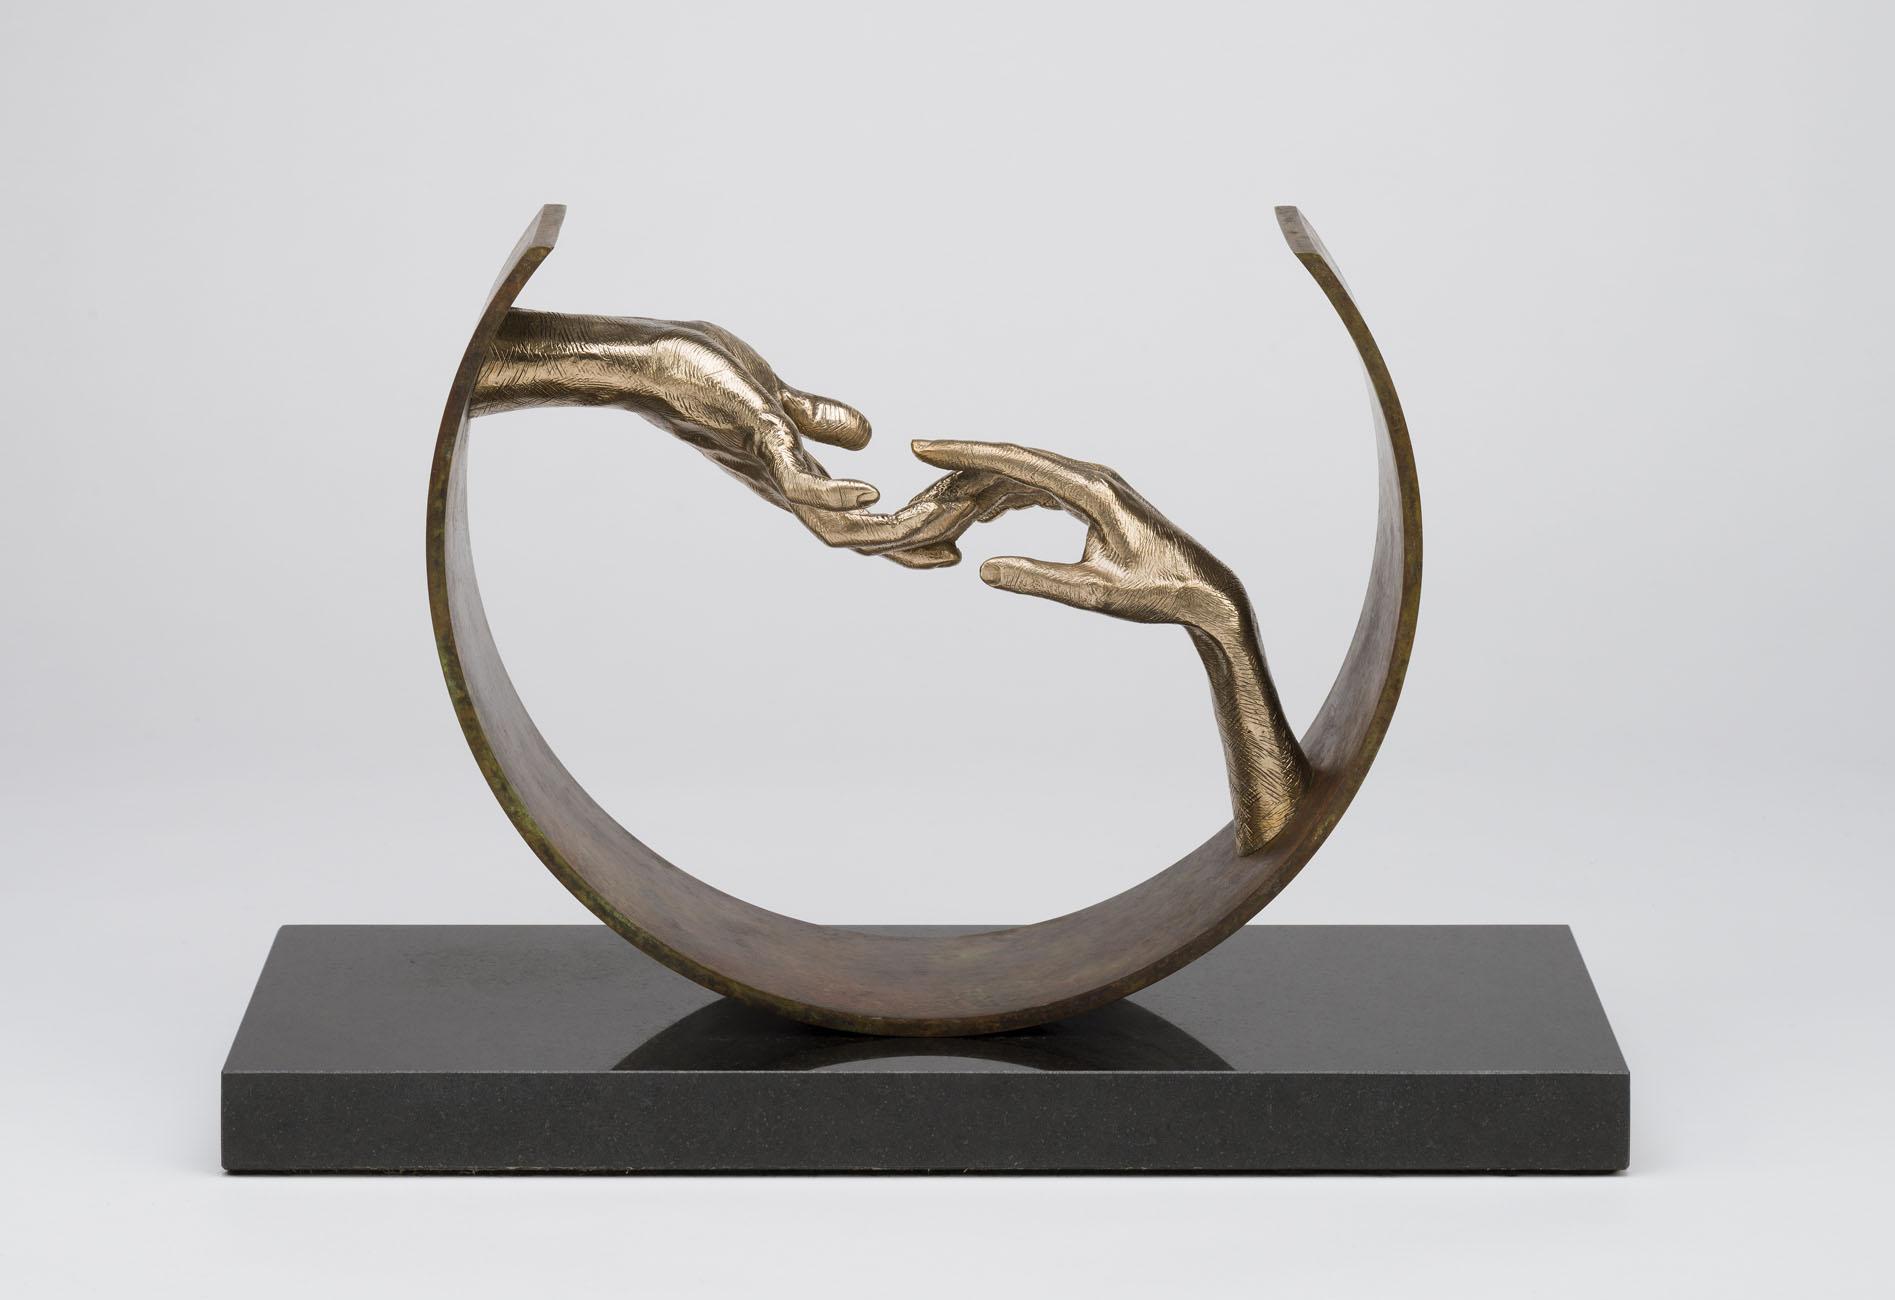 Finding love bronze